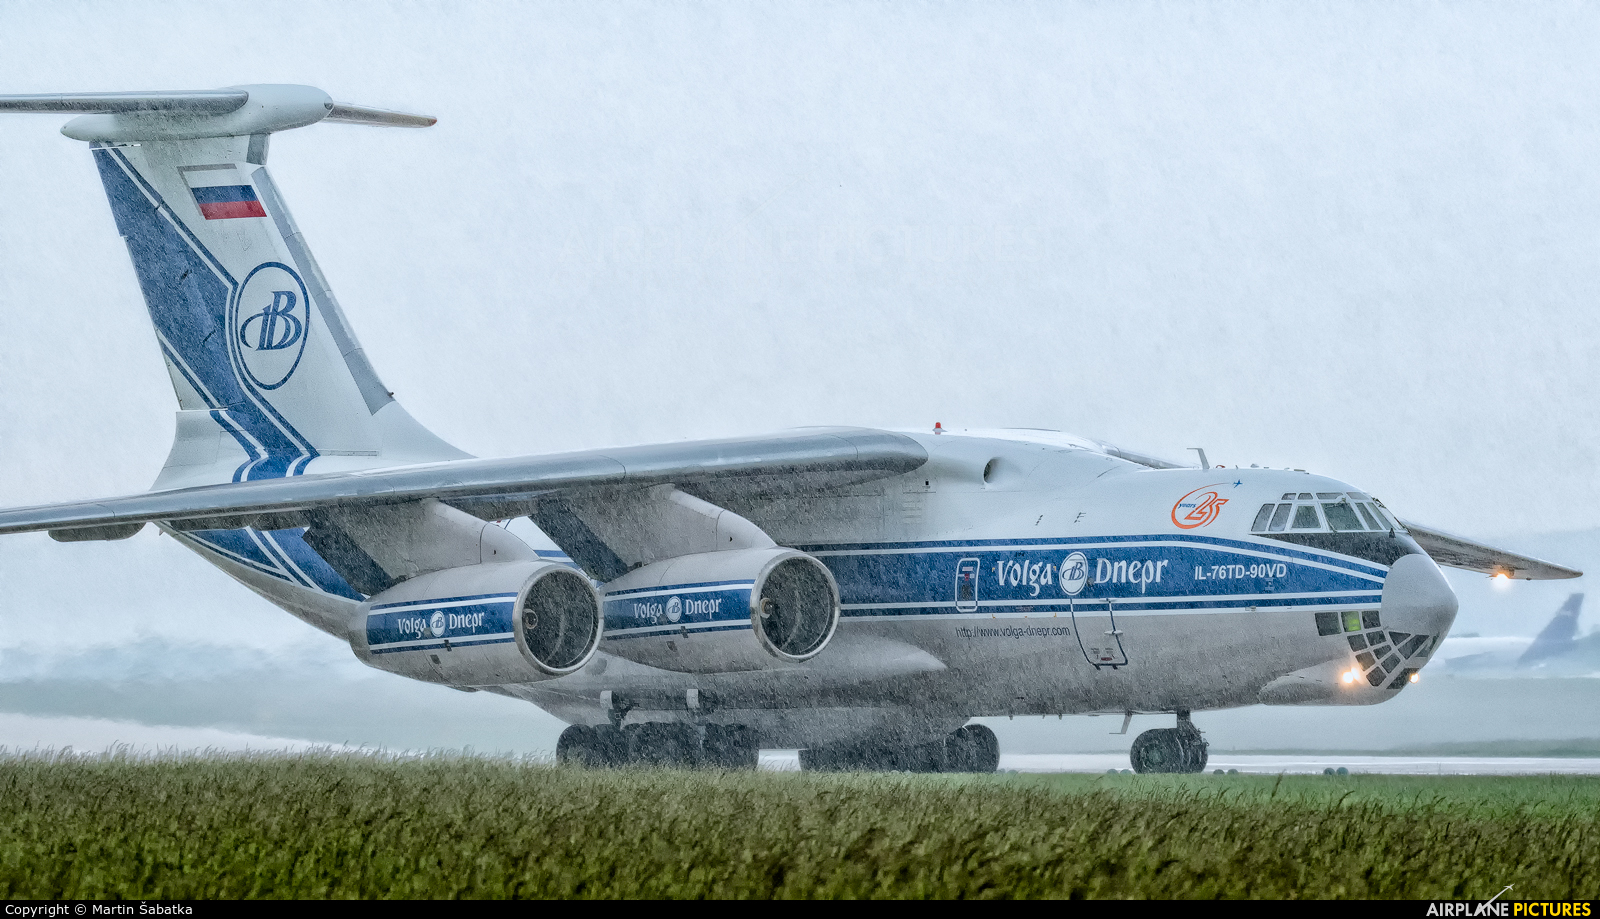 Volga Dnepr Airlines RA-76952 aircraft at Brno - Tuřany